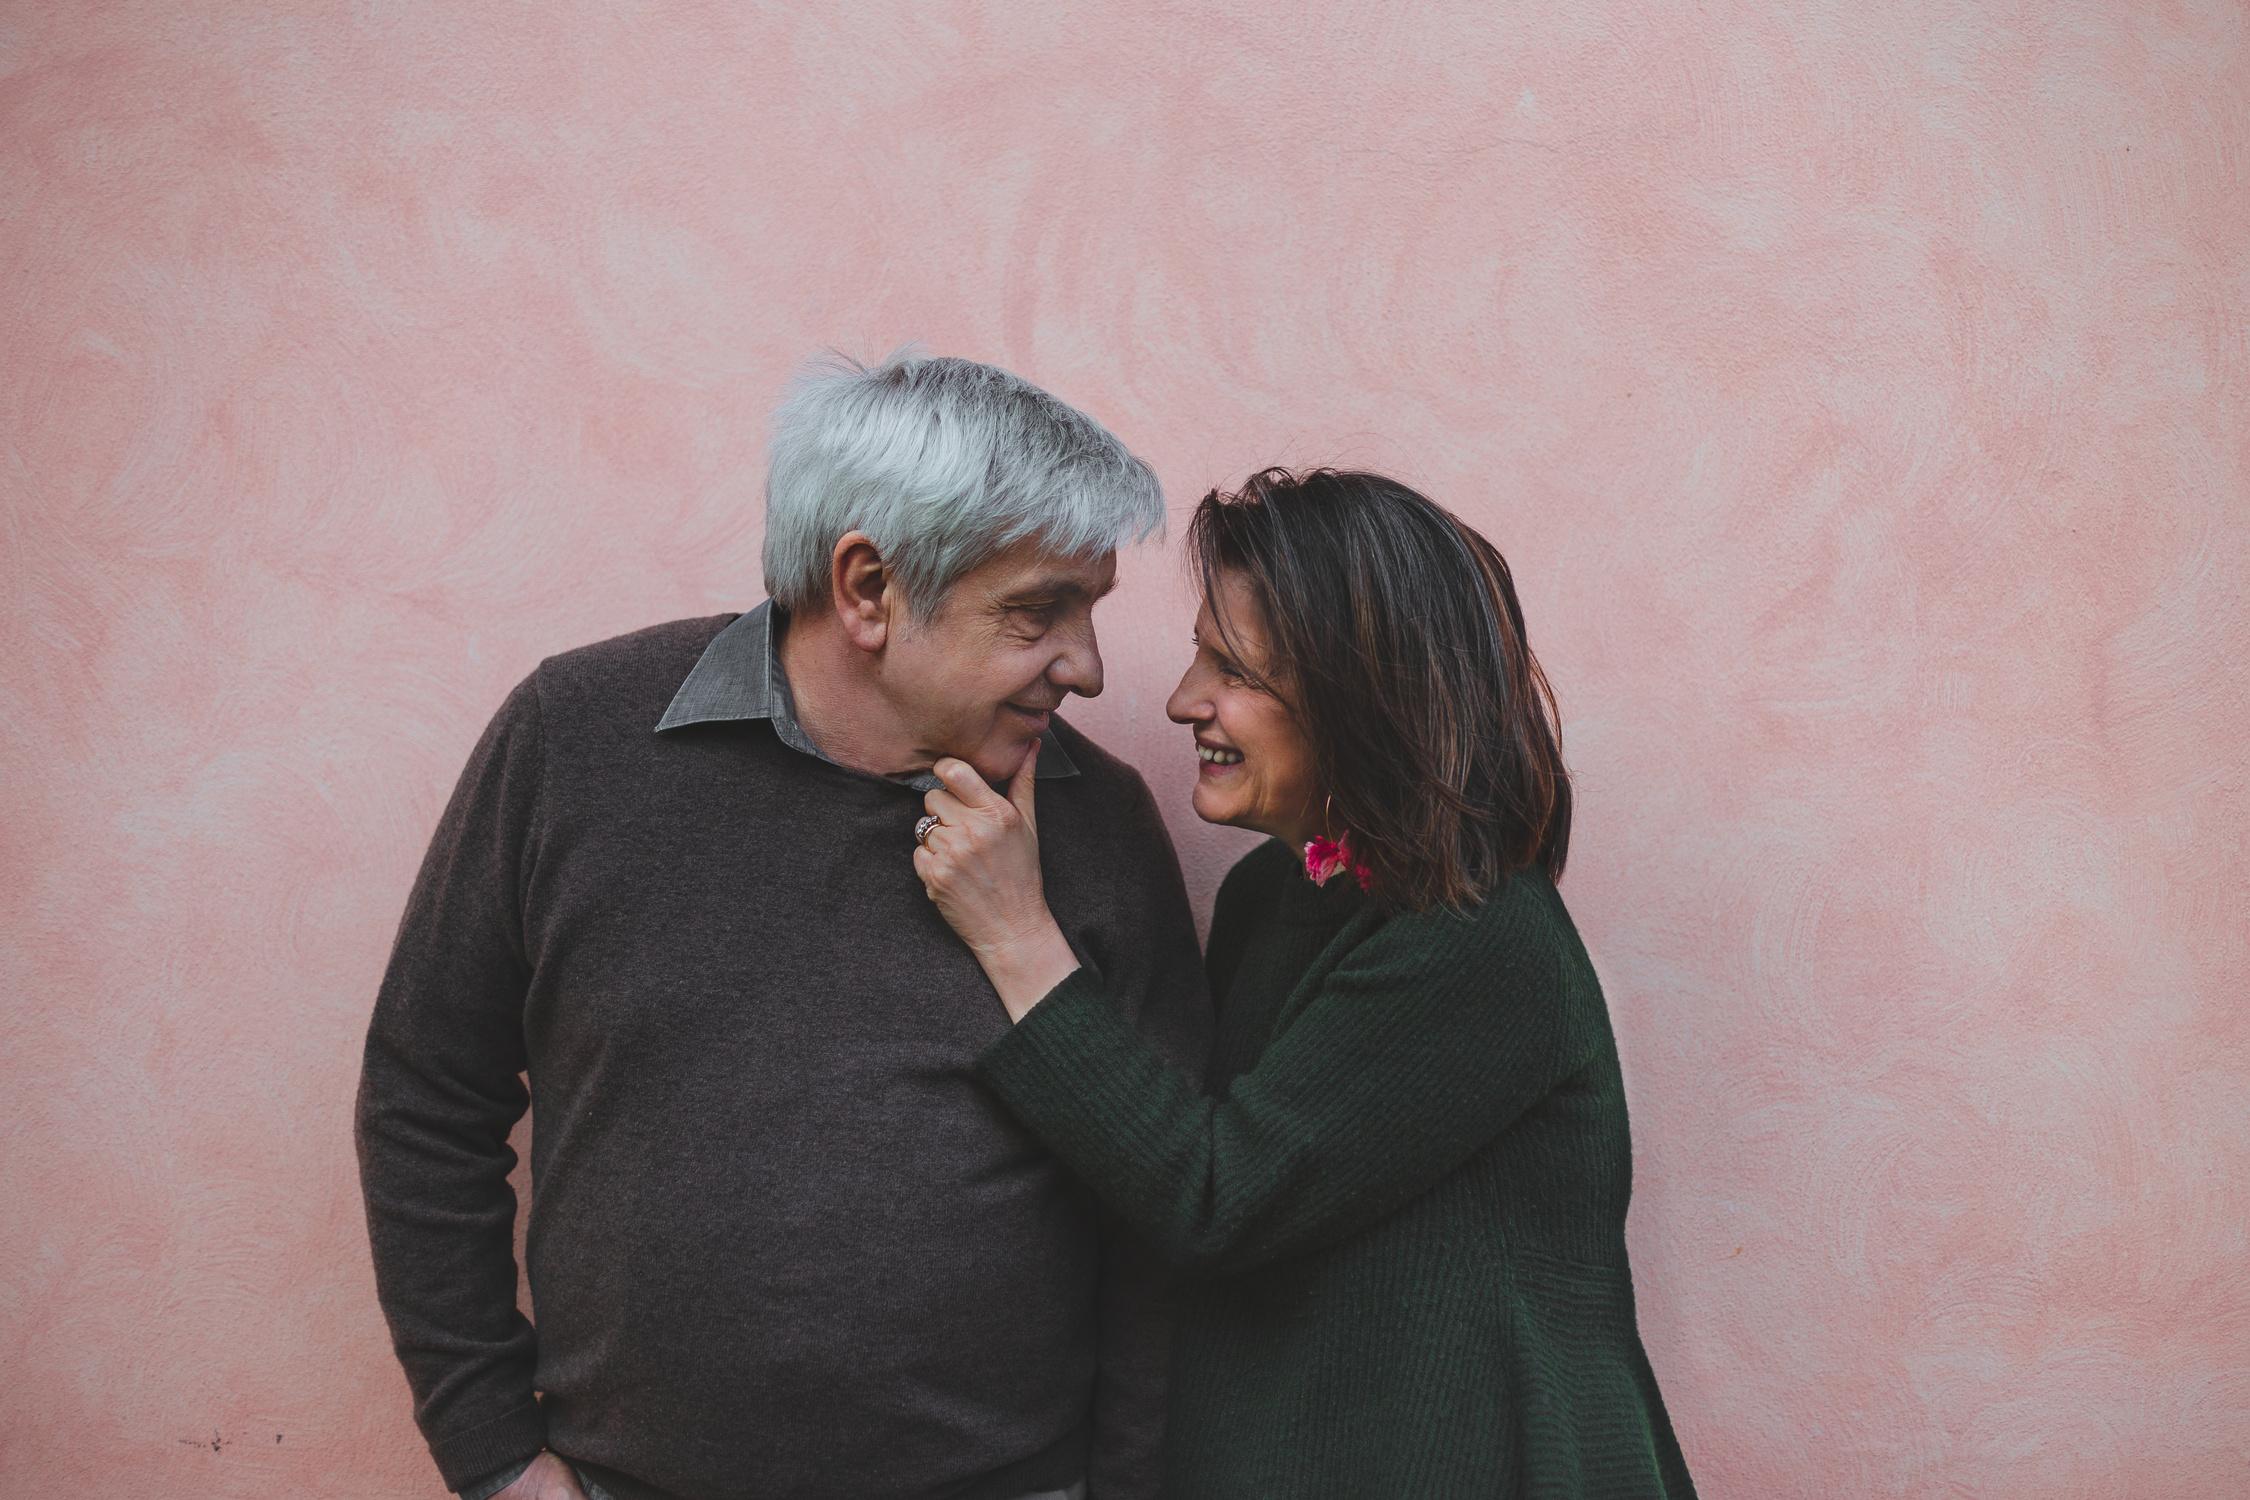 Marito e moglie si sorridono teneramente